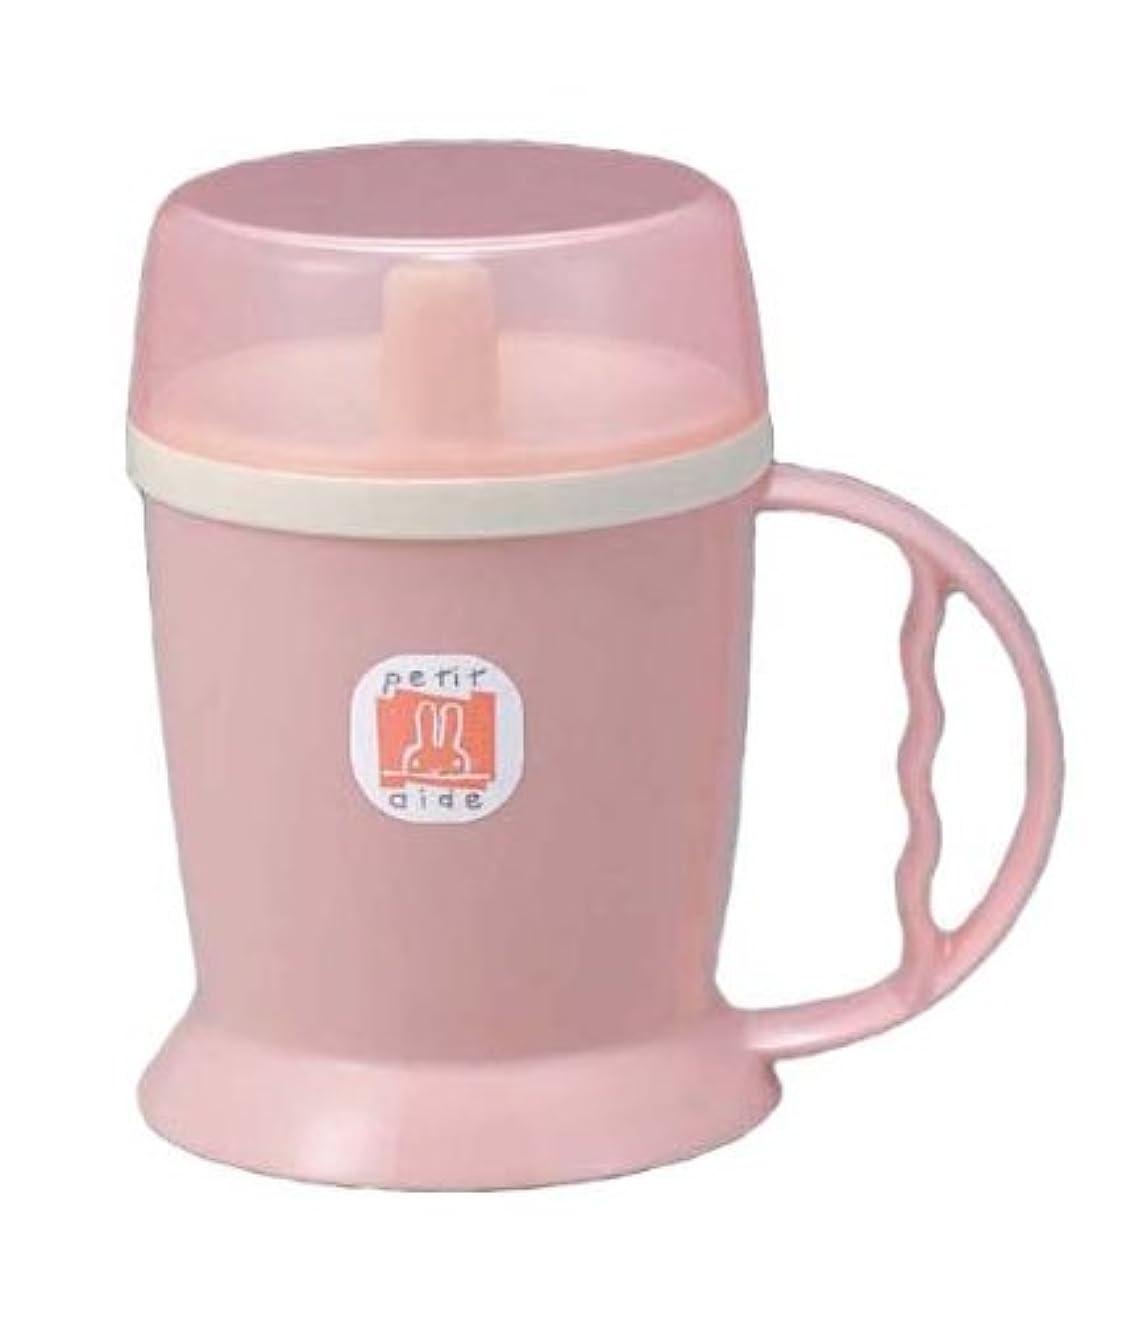 ご予約道虚栄心台和 プチエイド HS-N12 吸い口付きマグカップ (ピンク) 360ml 電子レンジ可